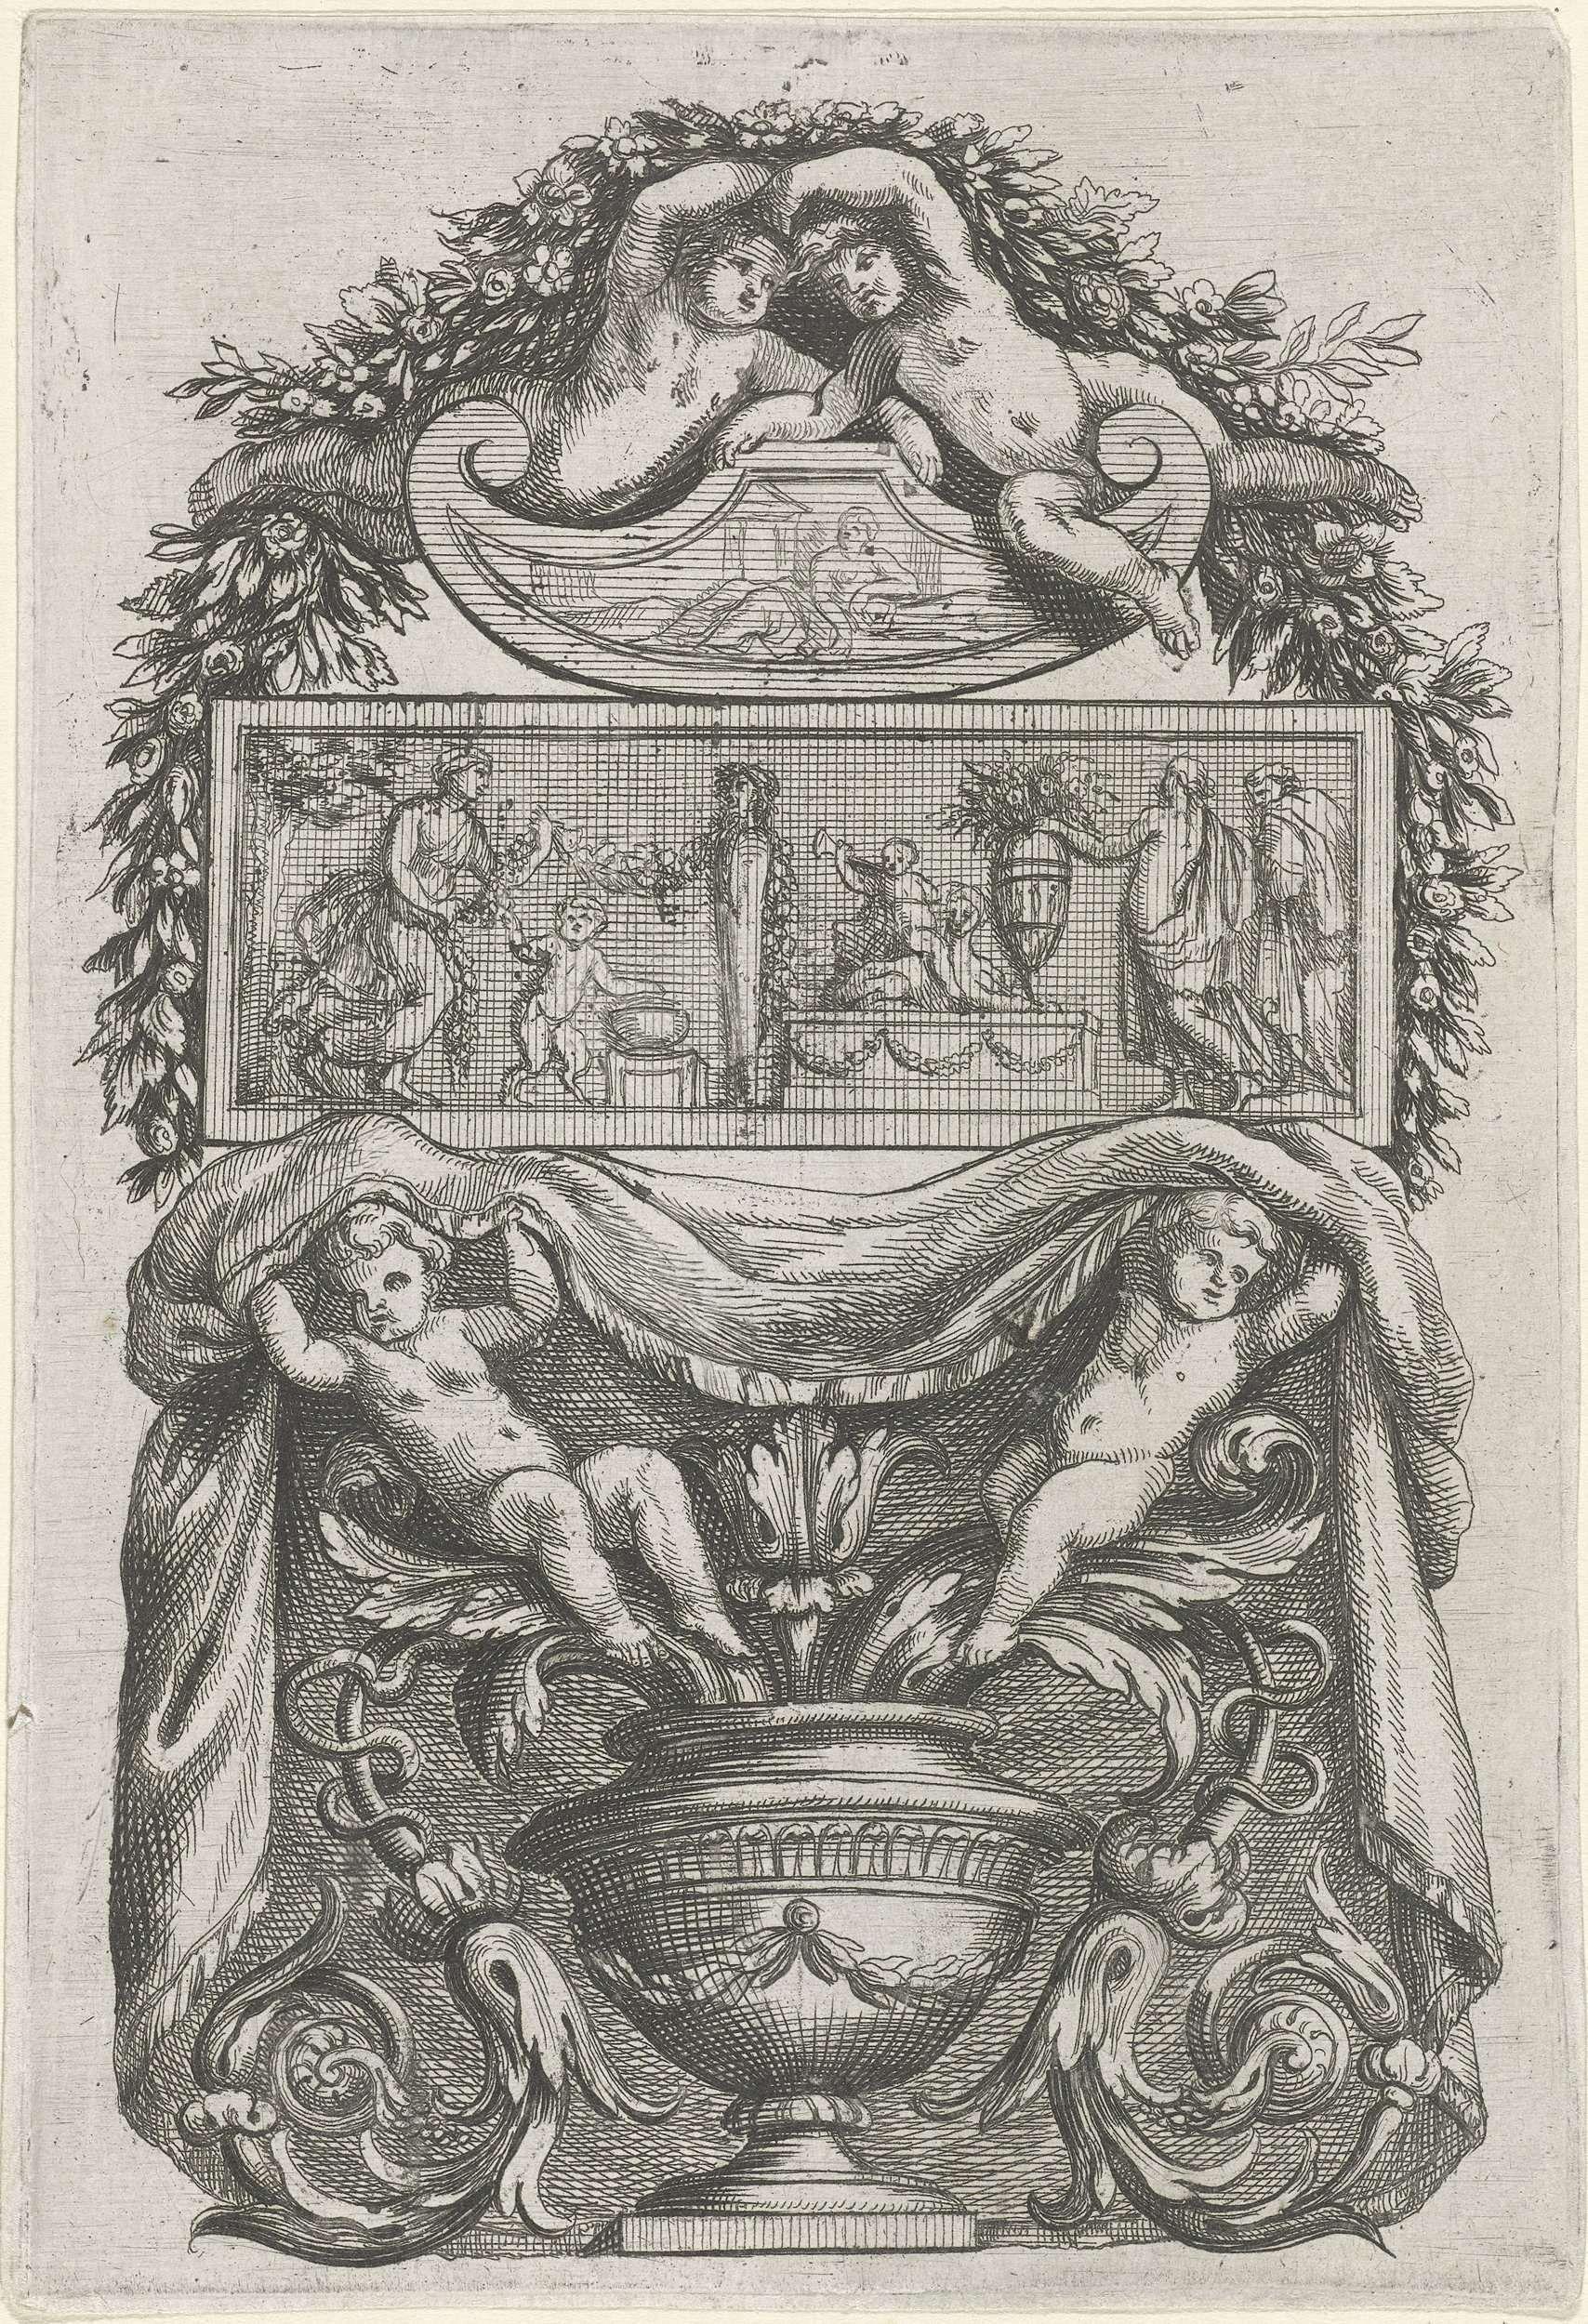 Antoine Pierretz (le jeune)   Plaat met reliëf tussen schild en vaas, Antoine Pierretz (le jeune), 1661   Bovenaan een schild waarop twee putti zitten, onderaan een vaas waarop twee putti zitten die een doek vasthouden. Uit serie van 12 bladen met ornamentele panelen opgebouwd uit medaillons, tabletten, friezen, sarcofagen, vazen, schilden, guirlandes, klimplanten en putti, geplaatst langs een verticale as. Uit eerste editie.